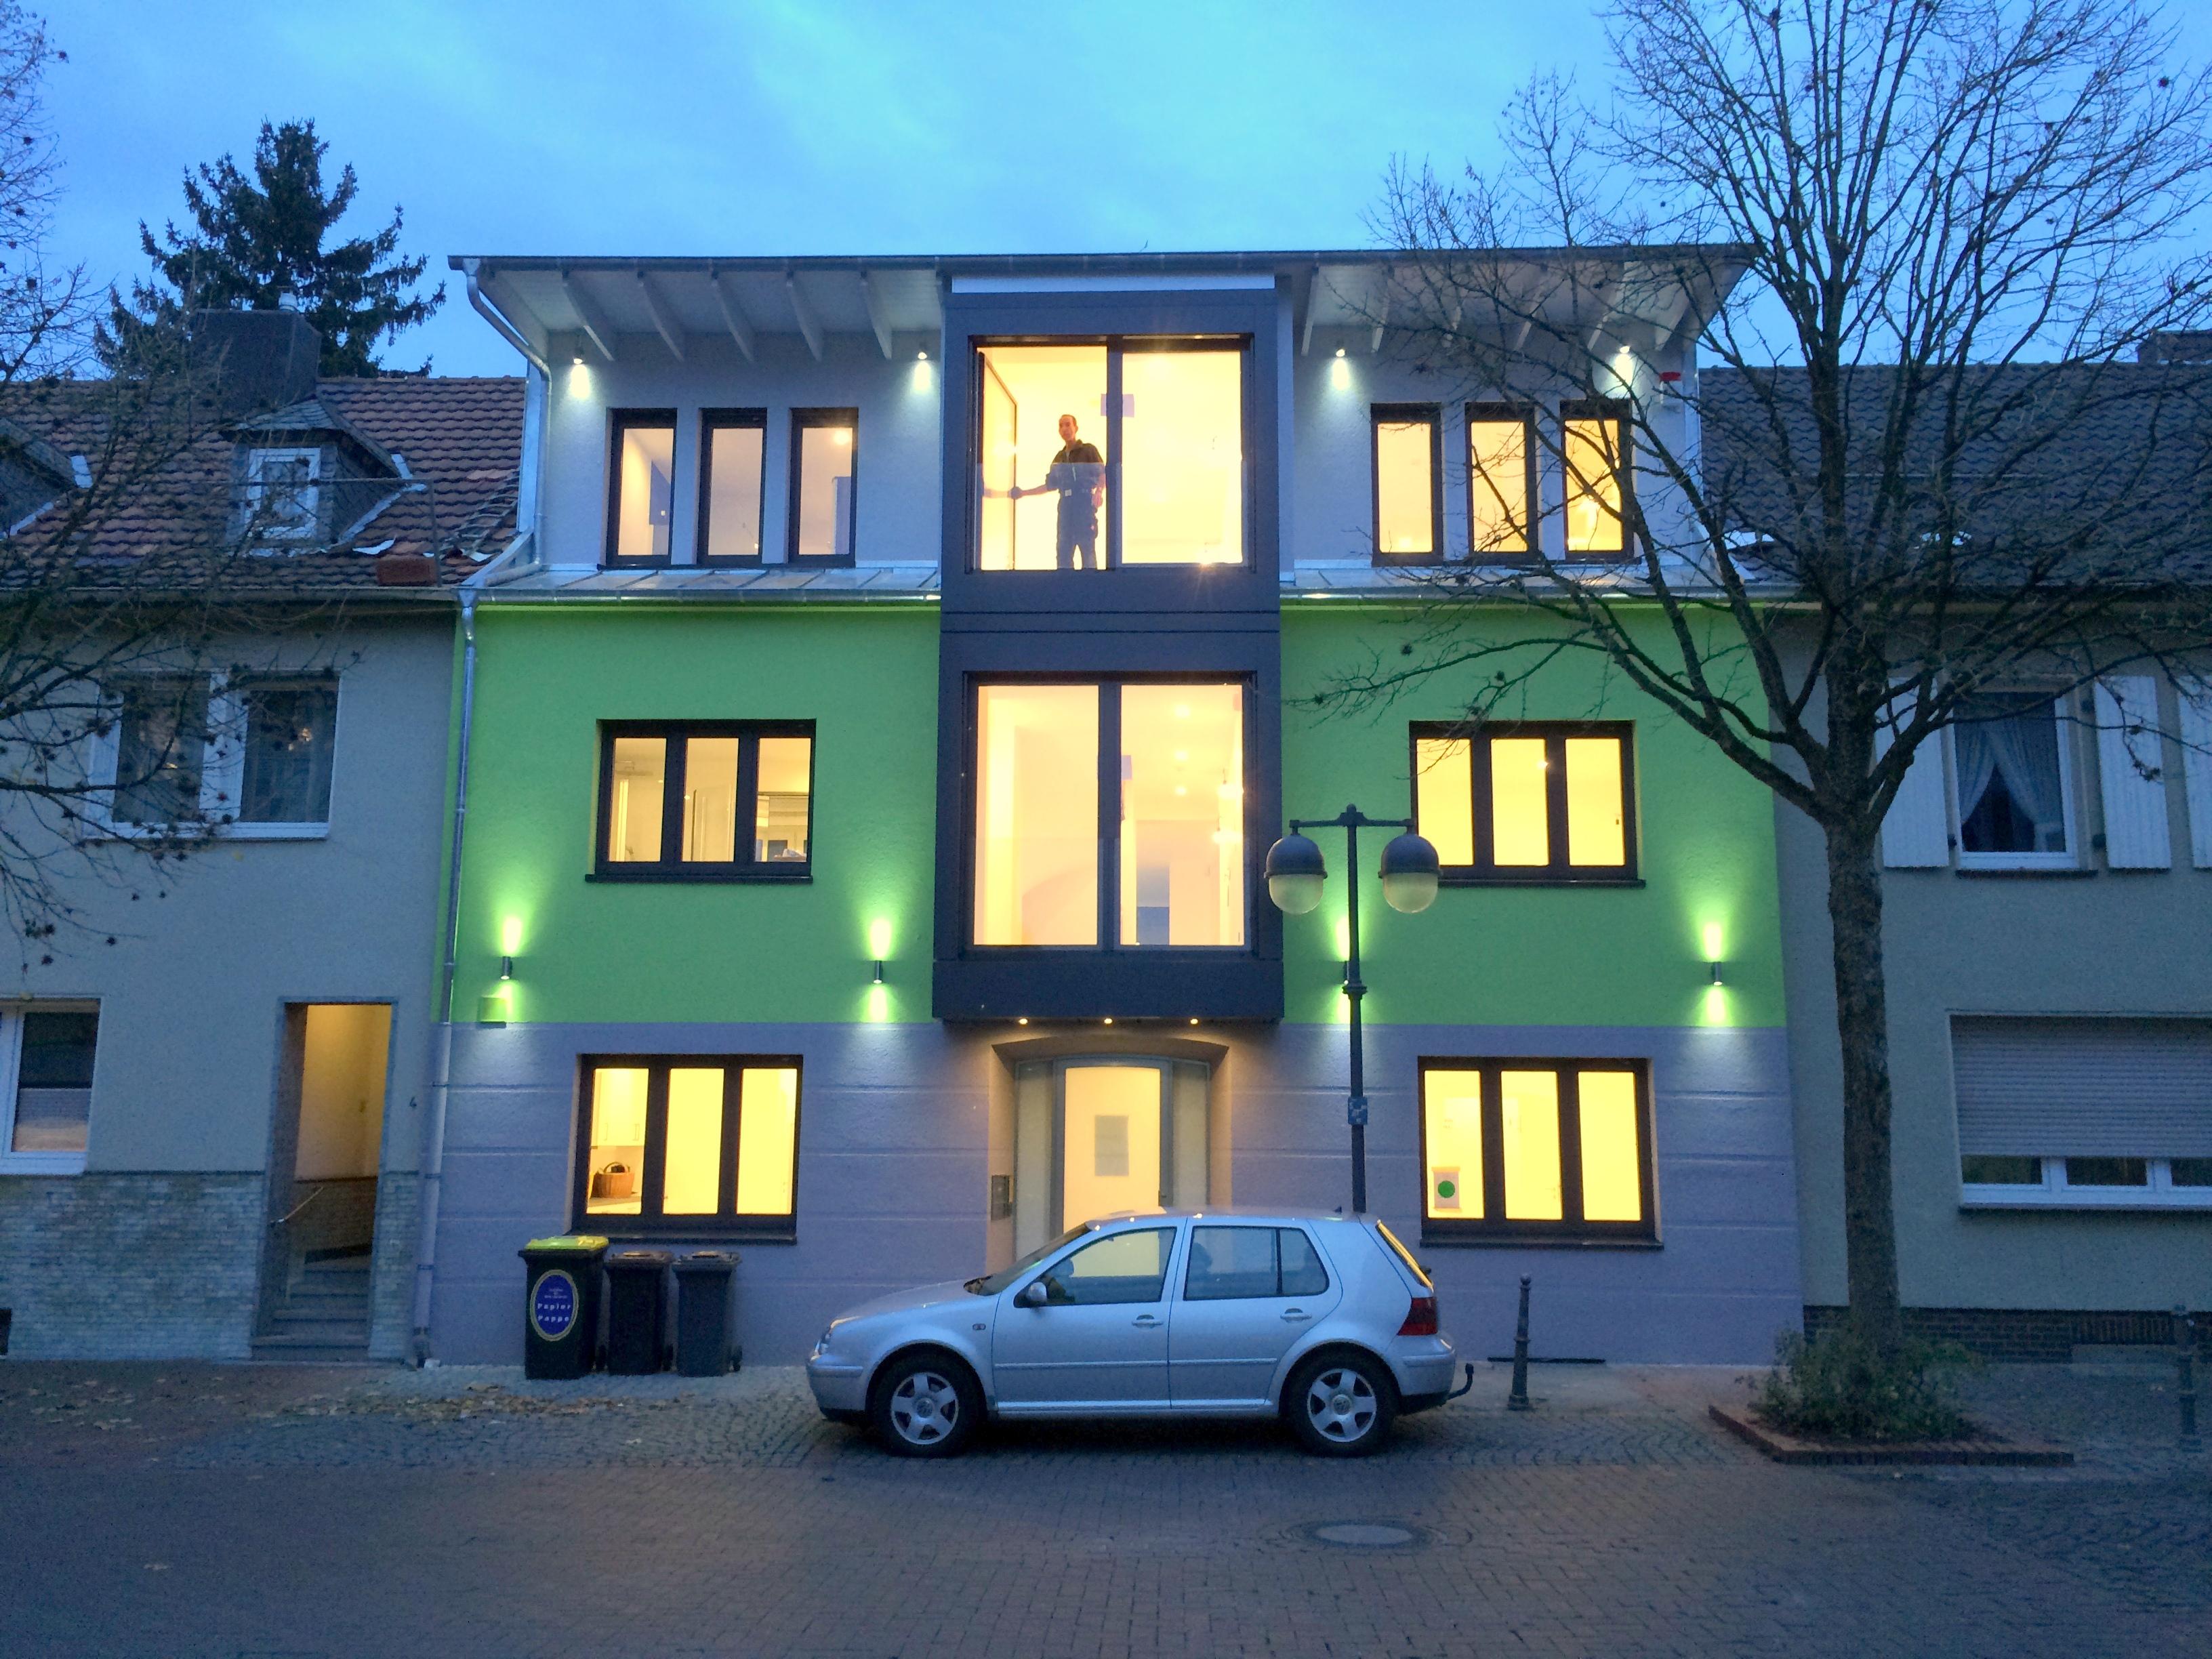 umbau und erweiterung eines zweifamilienwohnhauses architekt arthur stefelmanns. Black Bedroom Furniture Sets. Home Design Ideas